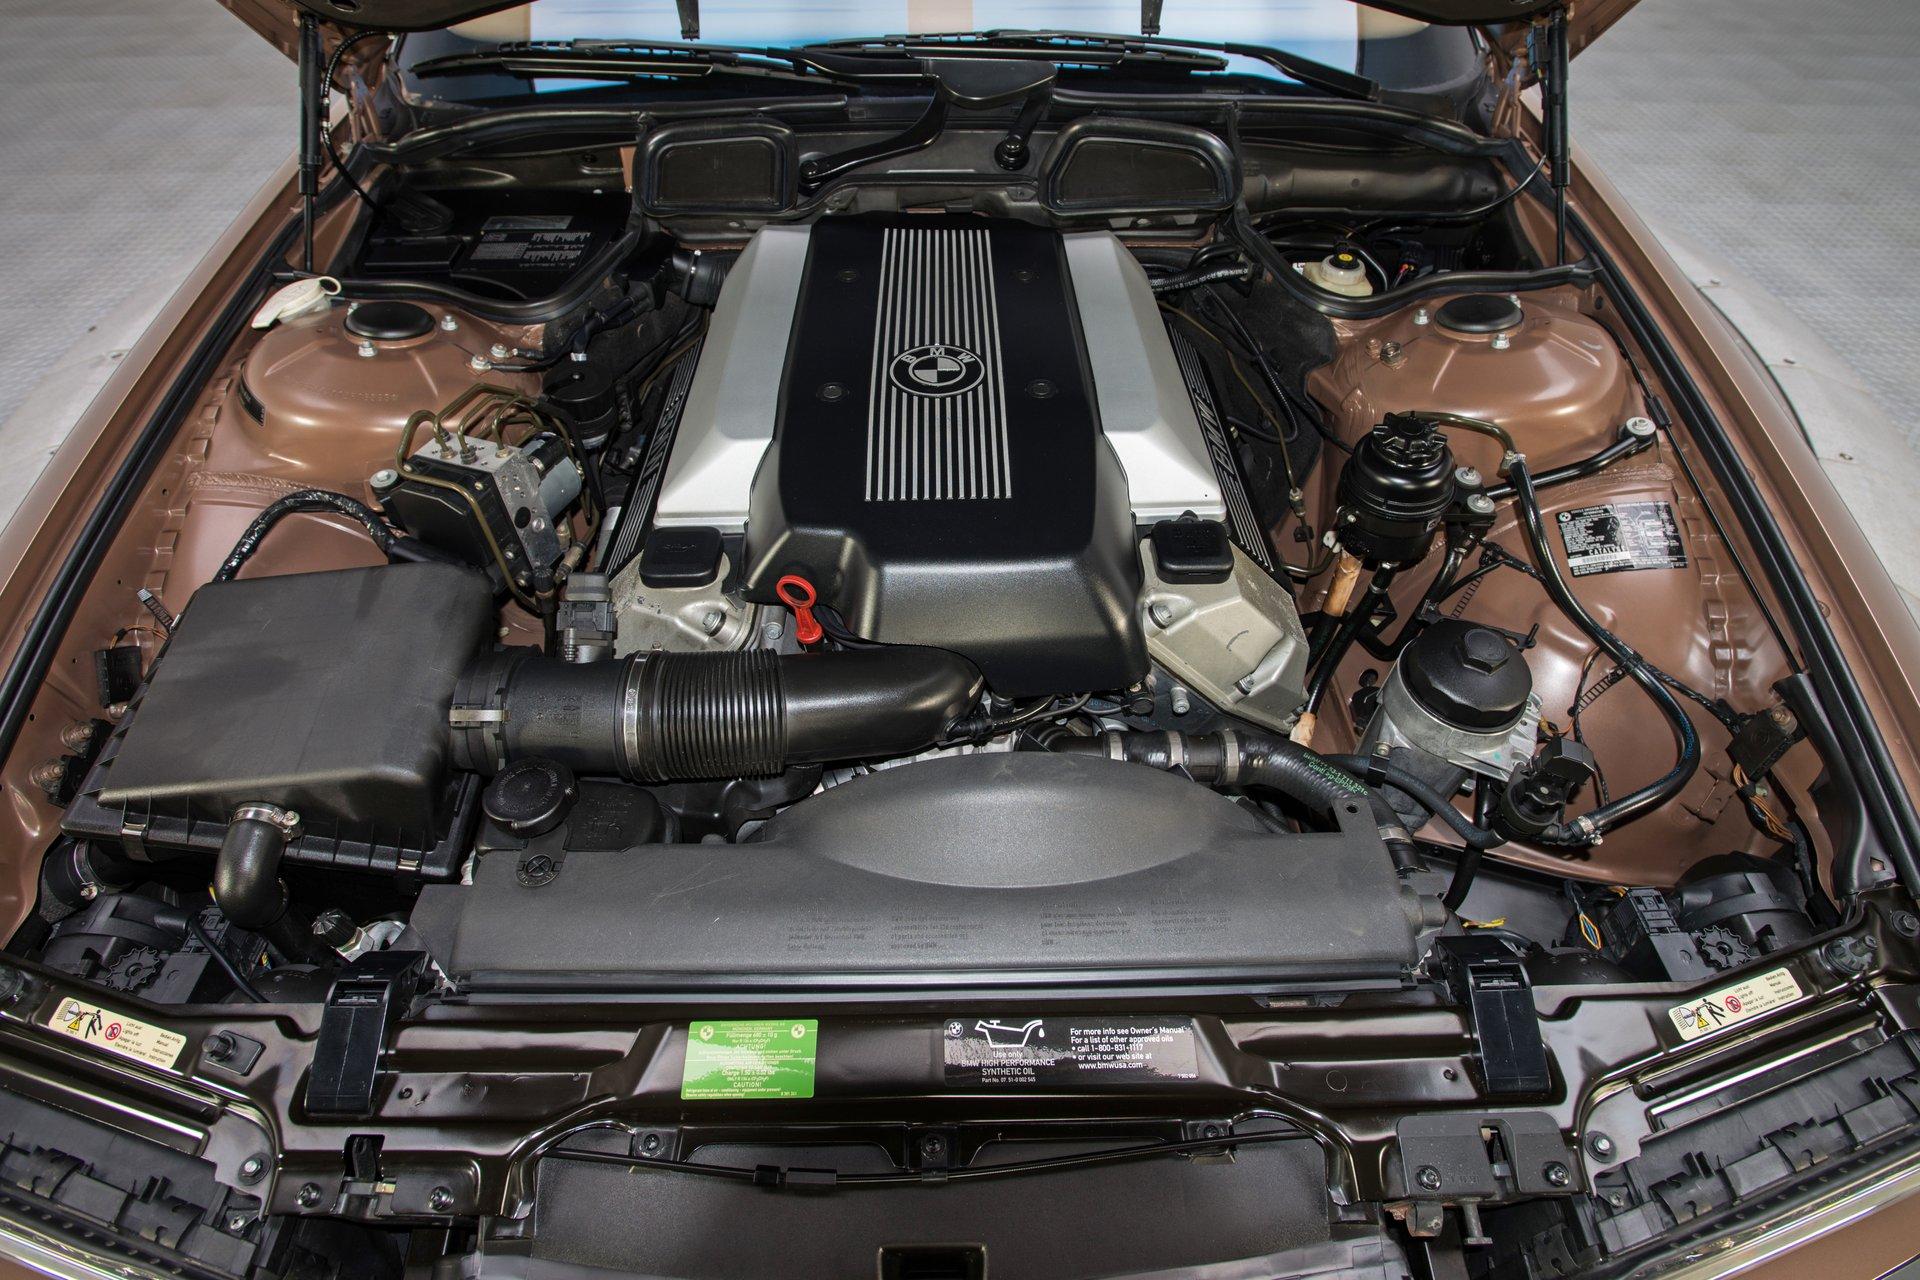 134512 2001 BMW 740i RK Motors Classic Cars for Sale